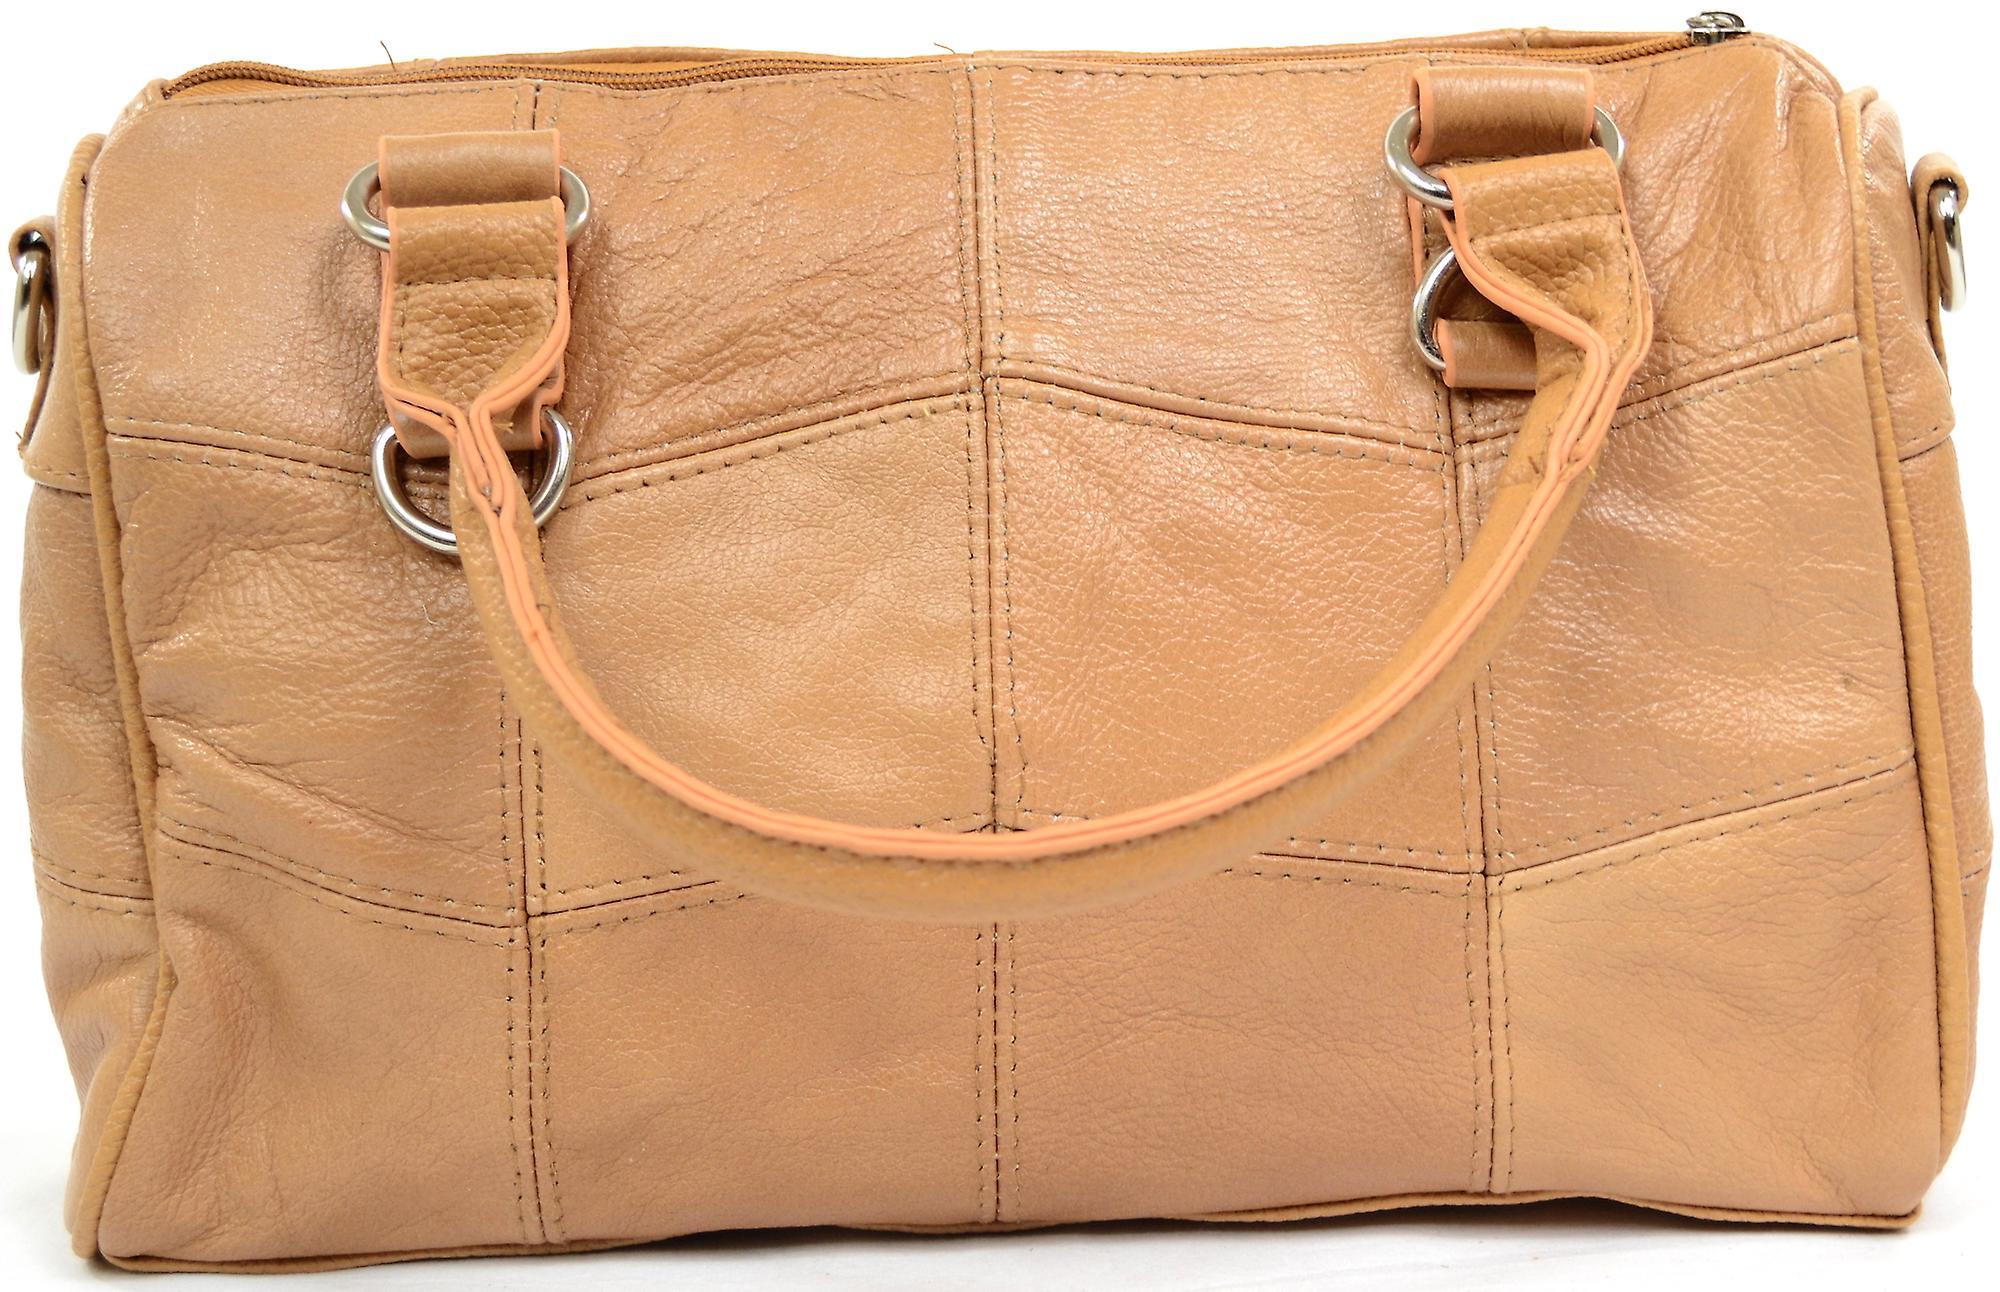 Ladies Soft Leather Handbag / Shoulder Bag - Tan